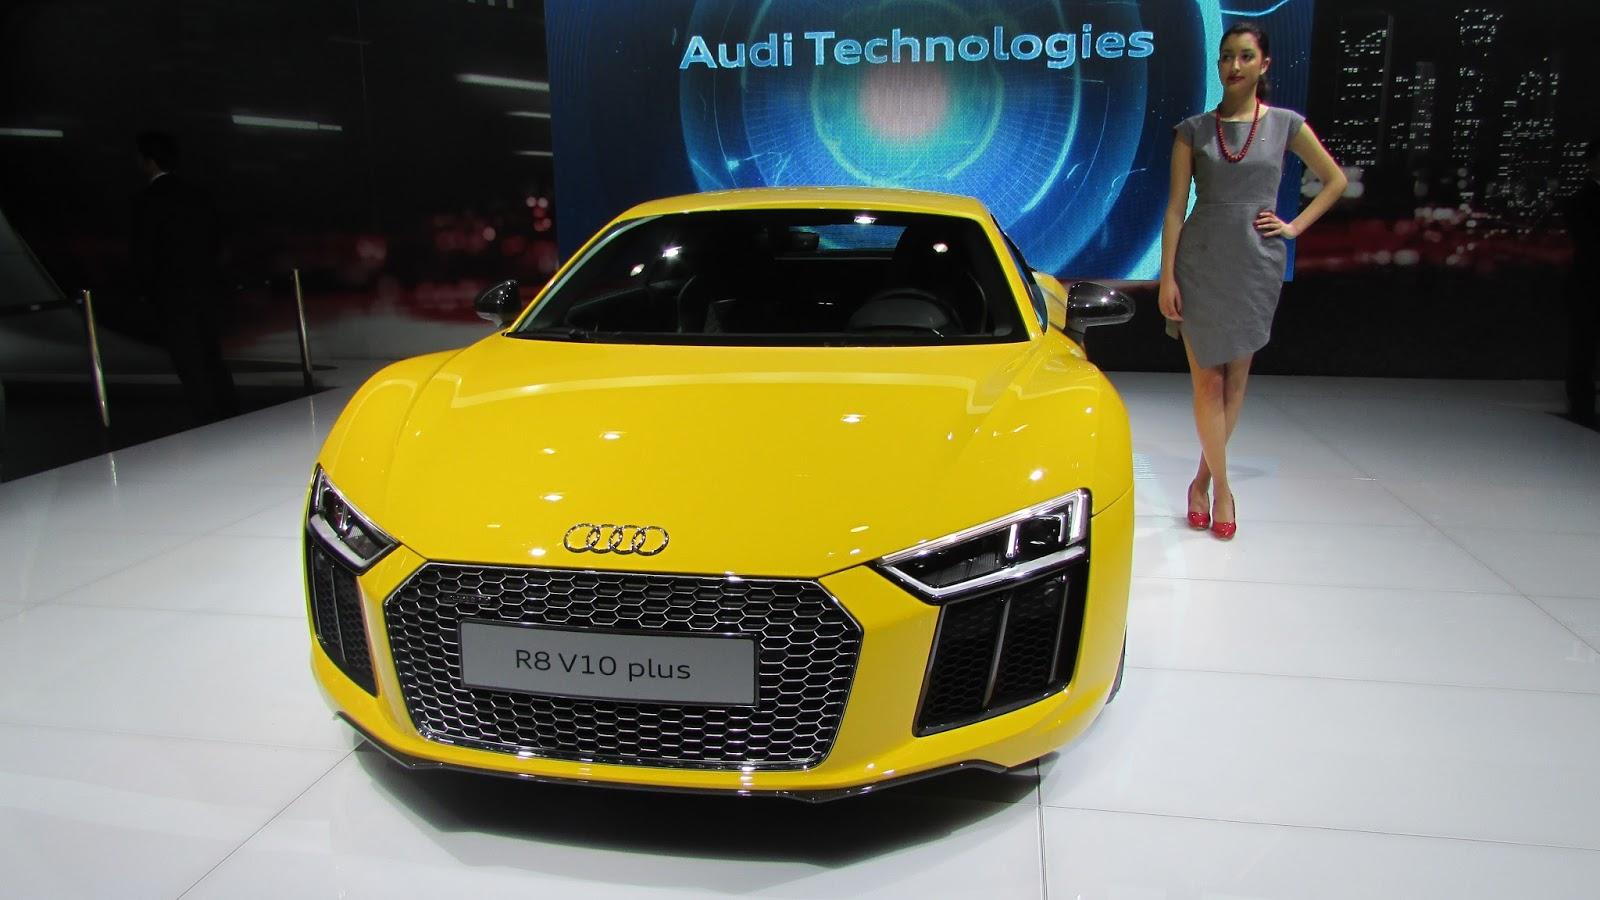 Contact Information Of Audi Car Showroom In Kochi Kerala The - Audi car number